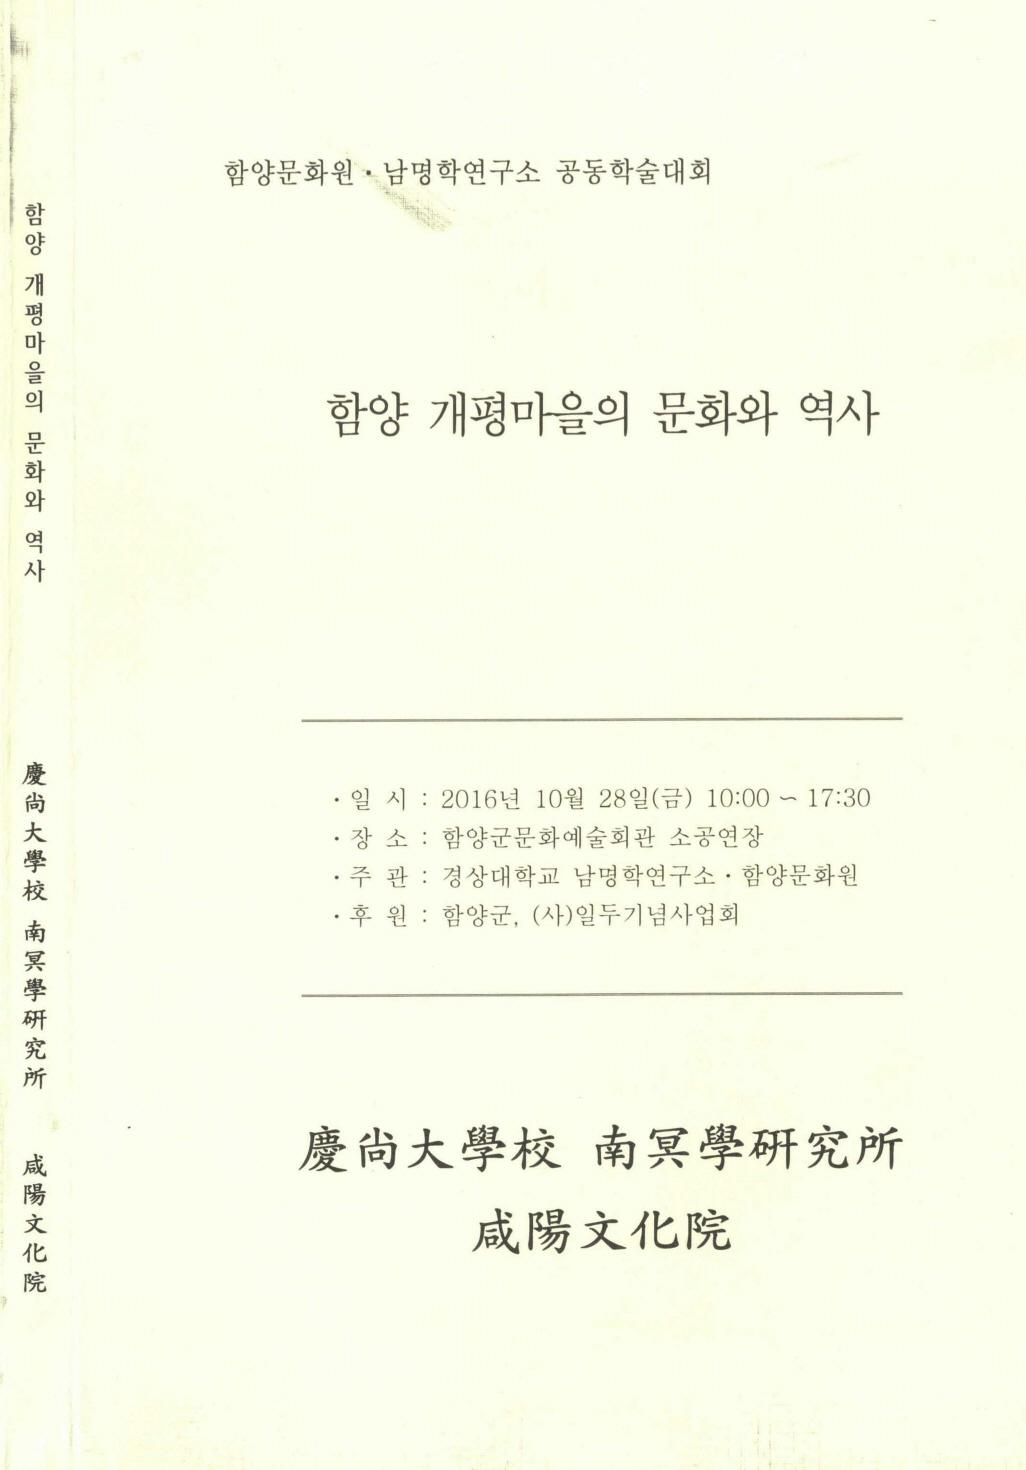 (함양문화원.남명학연구소 공동학술대회) 함양 개평마을의 문화와 역사